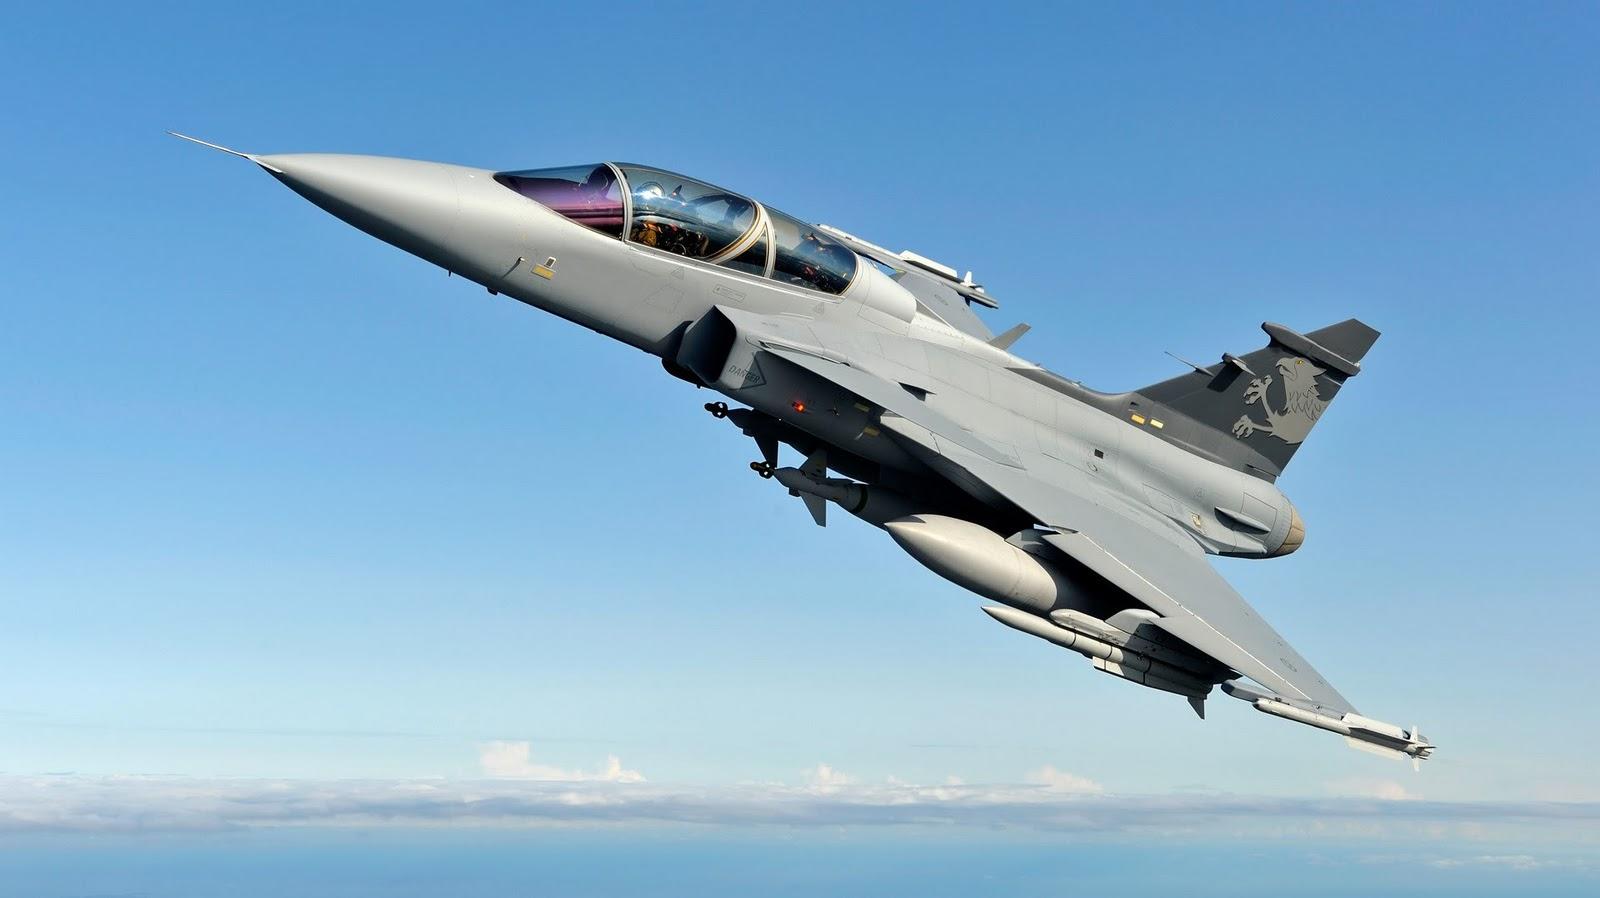 """الجزائر ترفض عرضا فرنسيا لتوريد طائرات """"رافال"""" وتختار مقاتلات """"غريفون"""" السويدية - صفحة 4 Jas-39_gripen_ng"""